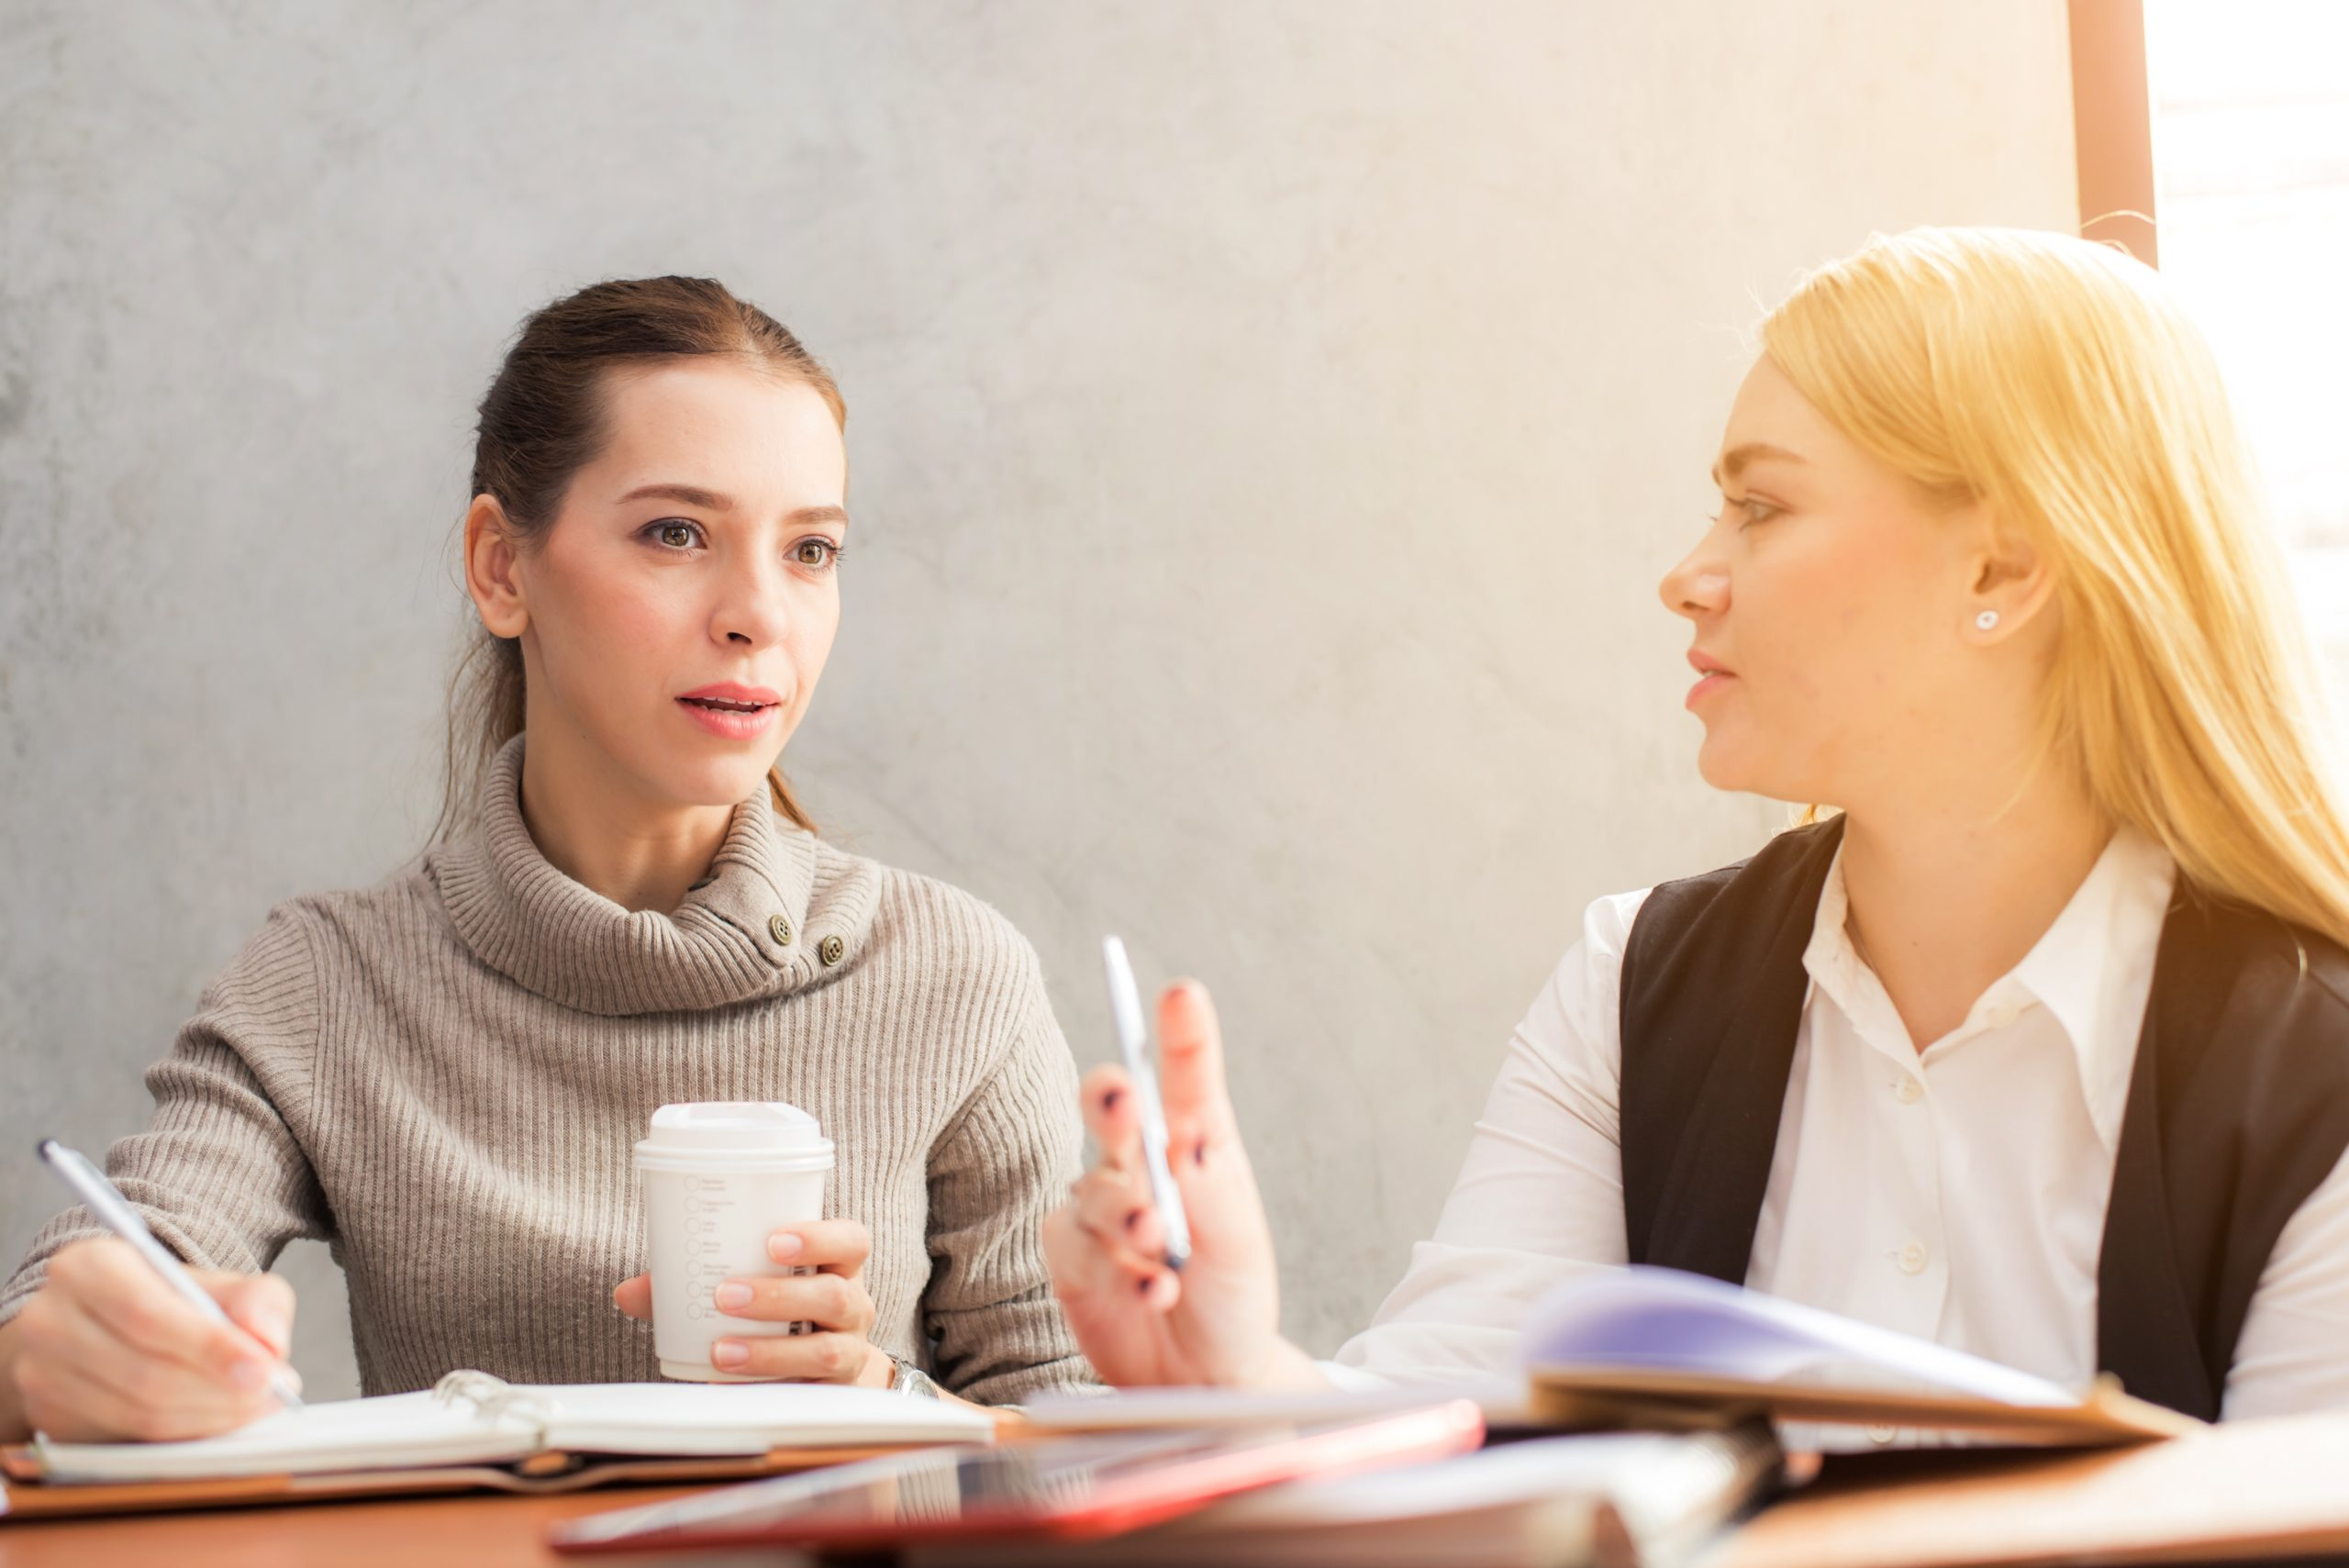 """用""""I believe..""""開頭,可以讓別人覺得你更有說服力。/圖:在工作場合發表意見時,該如何用英文開頭?繼續看下去吧!/圖:Photo by Headway on Unsplash"""